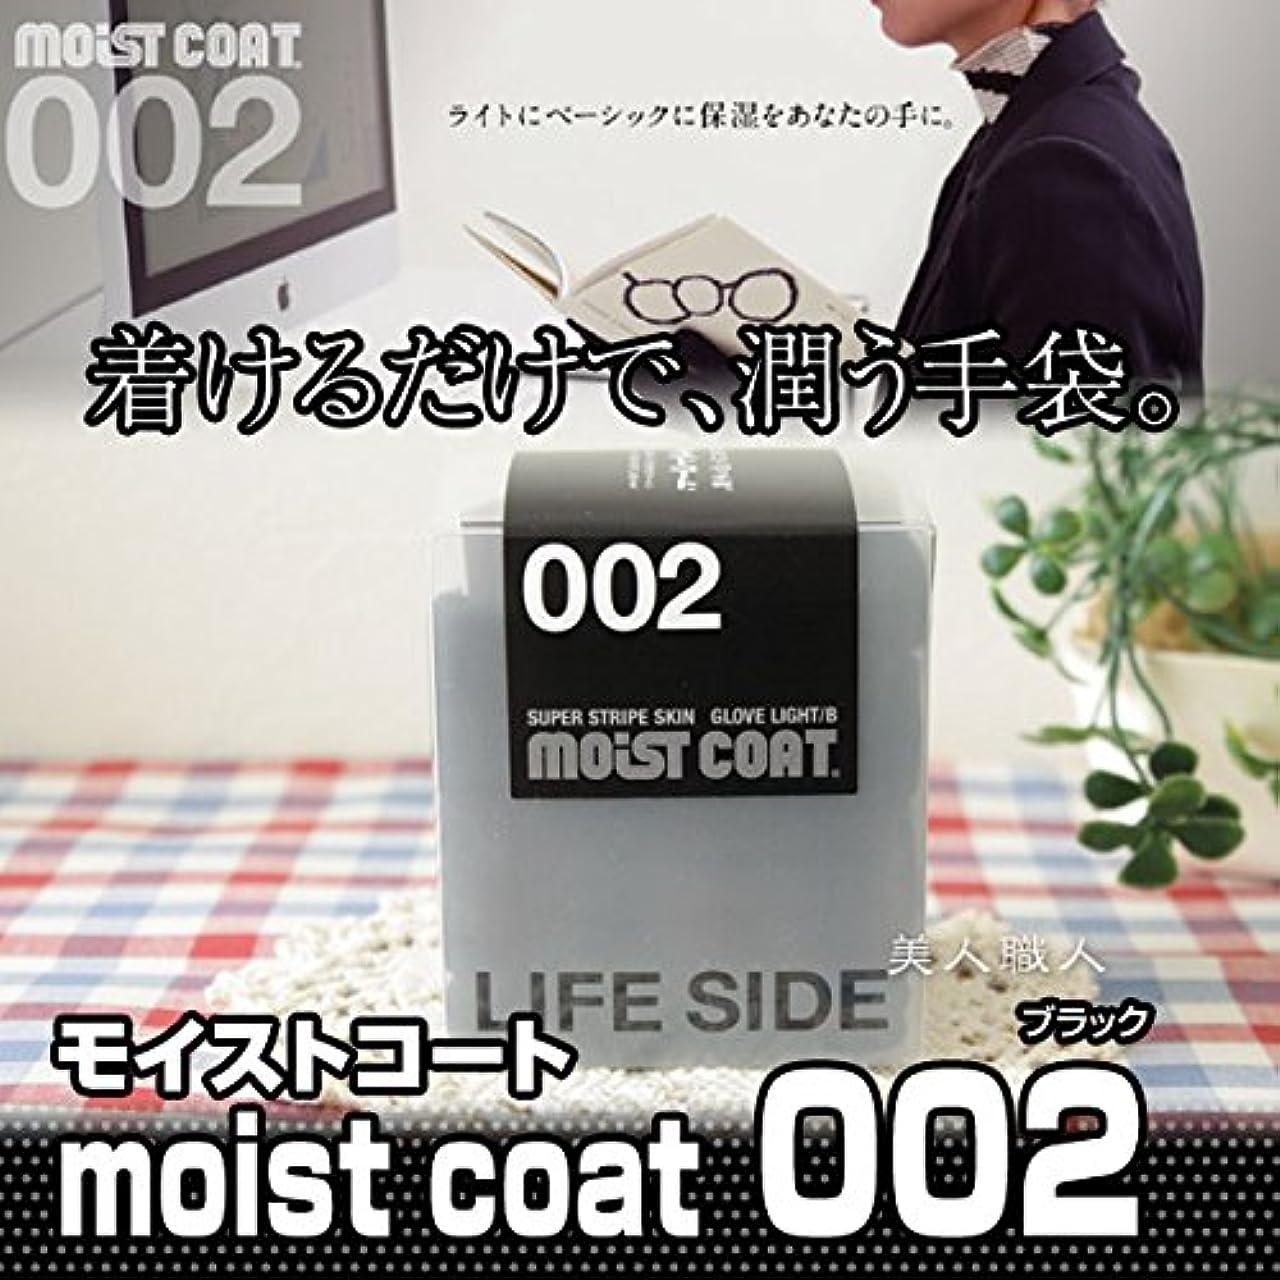 共感するバタフライゲインセイコラーゲン手袋 モイストコート002 ブラック